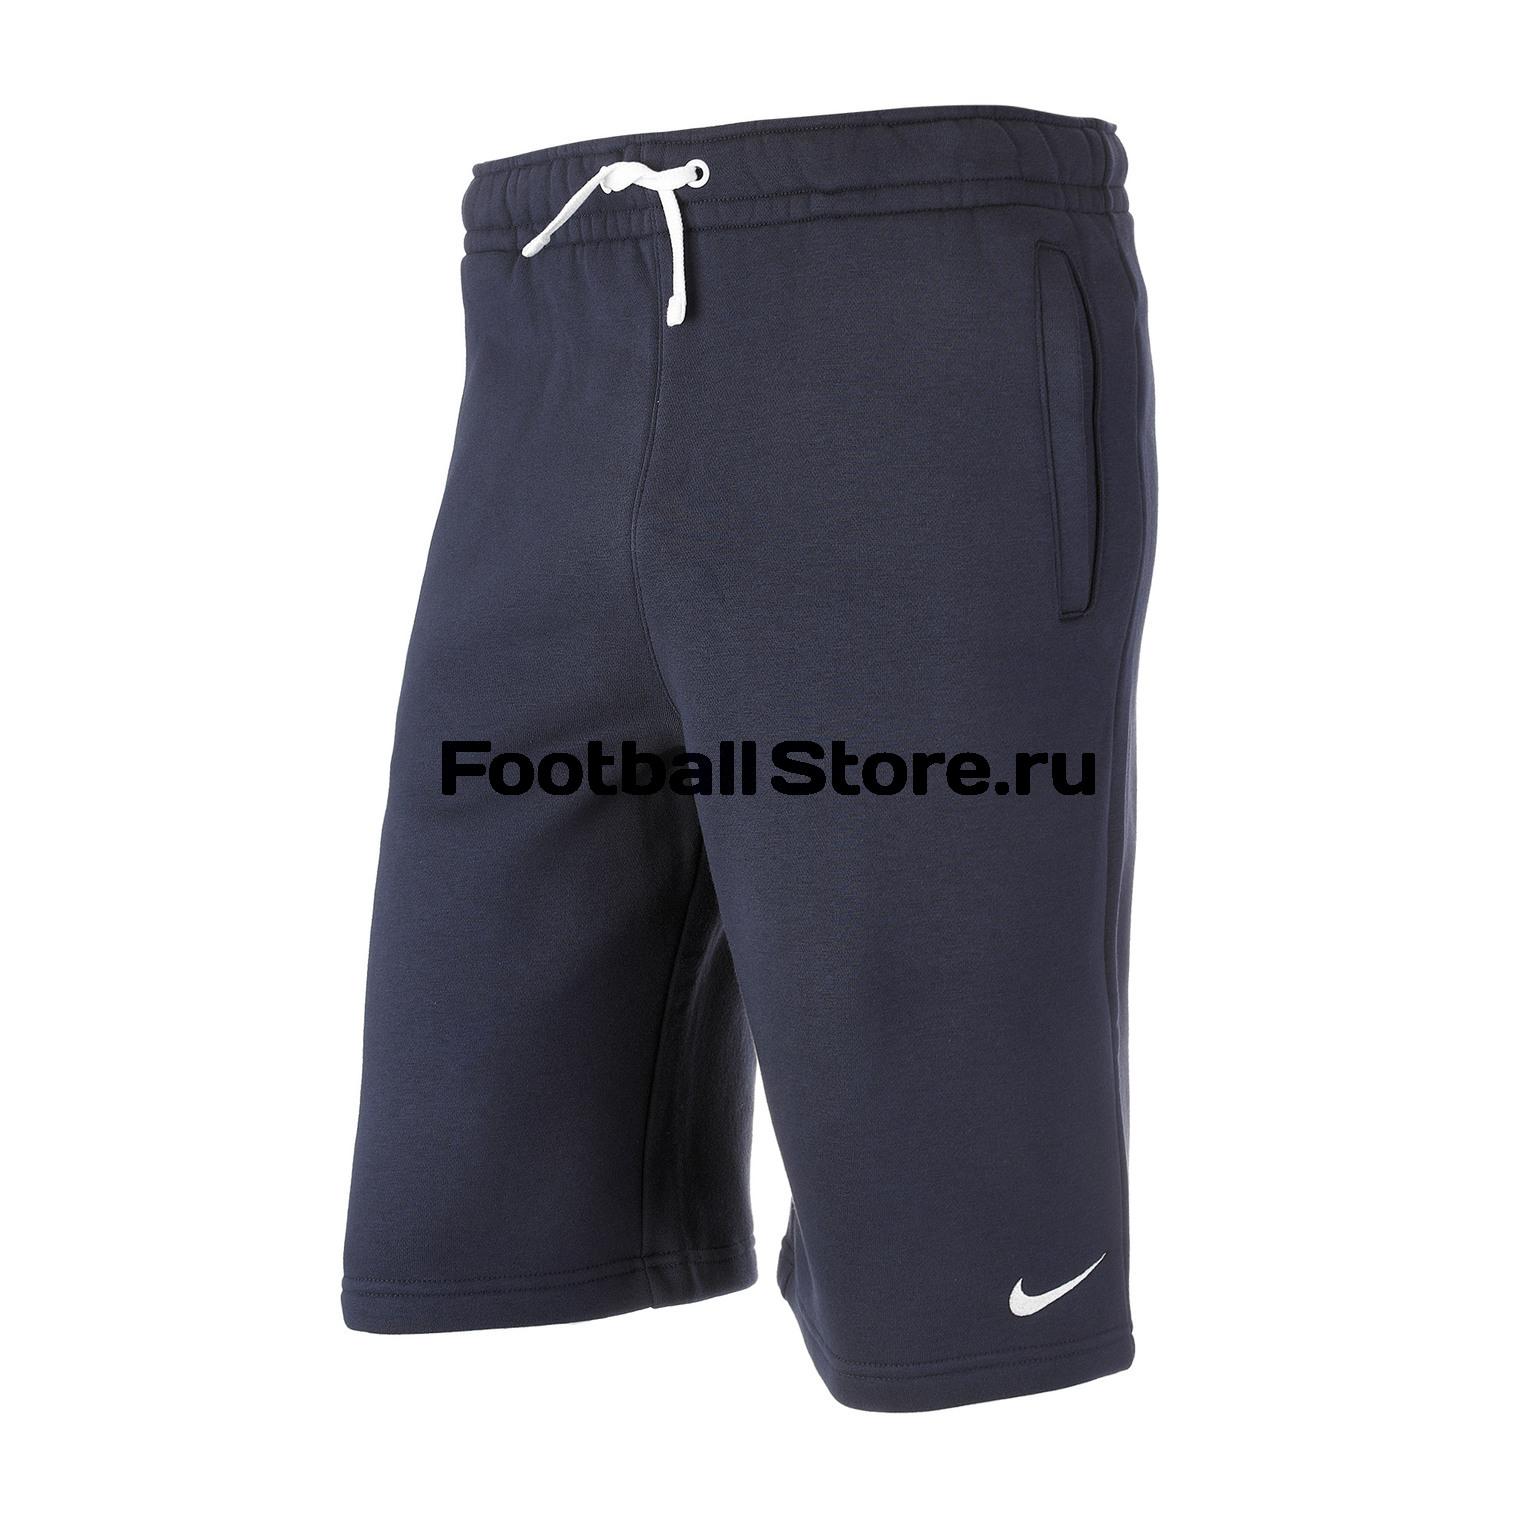 цена на Шорты подростковые Nike Fleece Club19 AQ3142-451